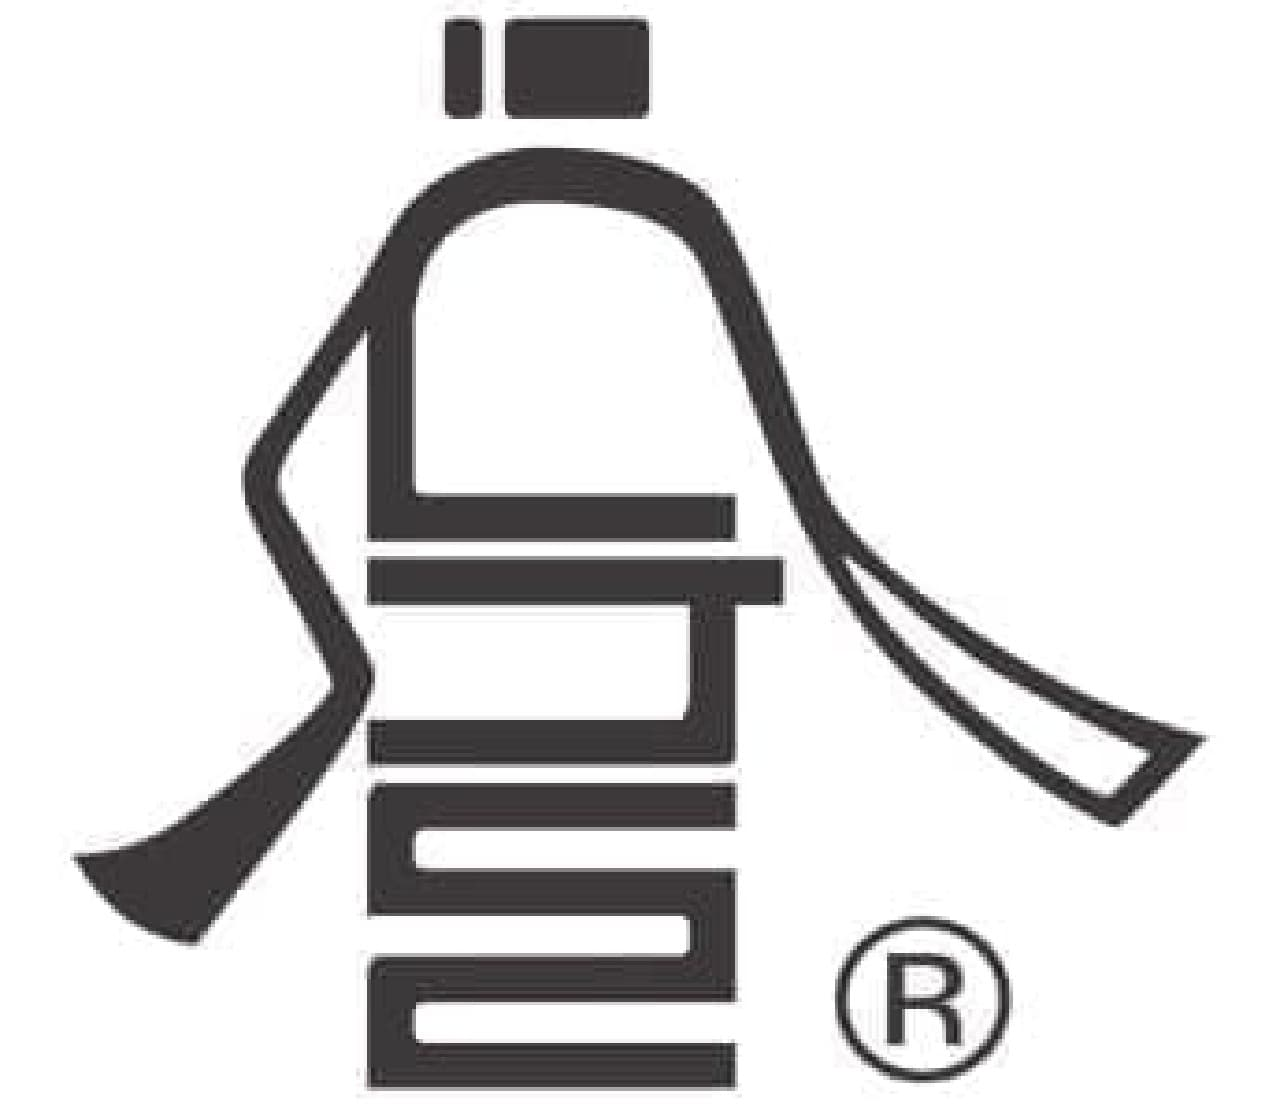 「ミュニデ」のロゴ